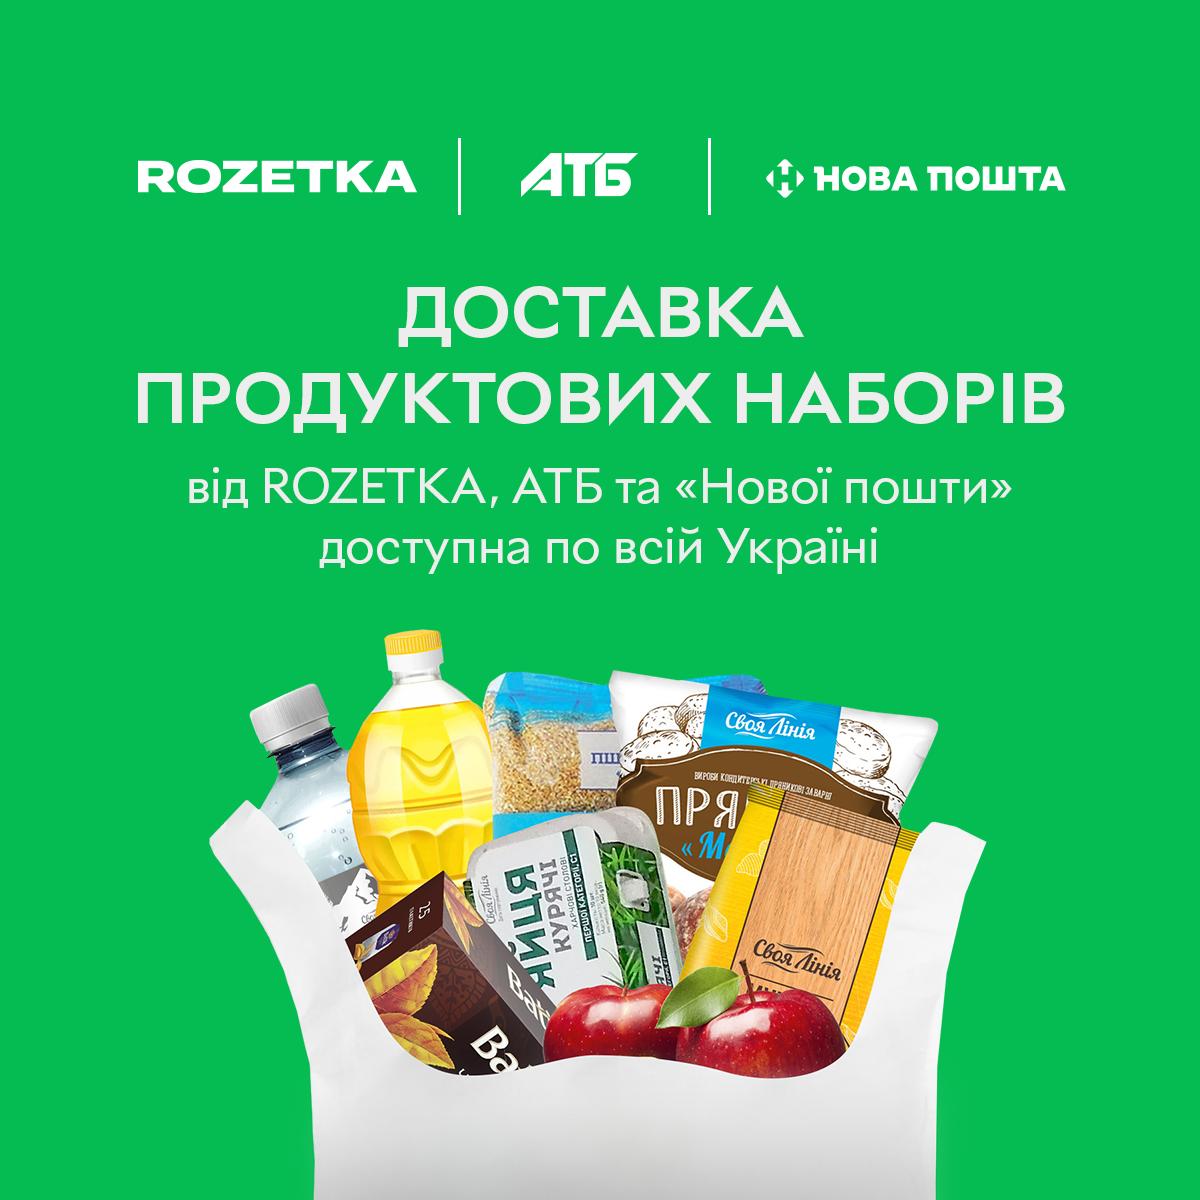 АТБ доставка продуктов